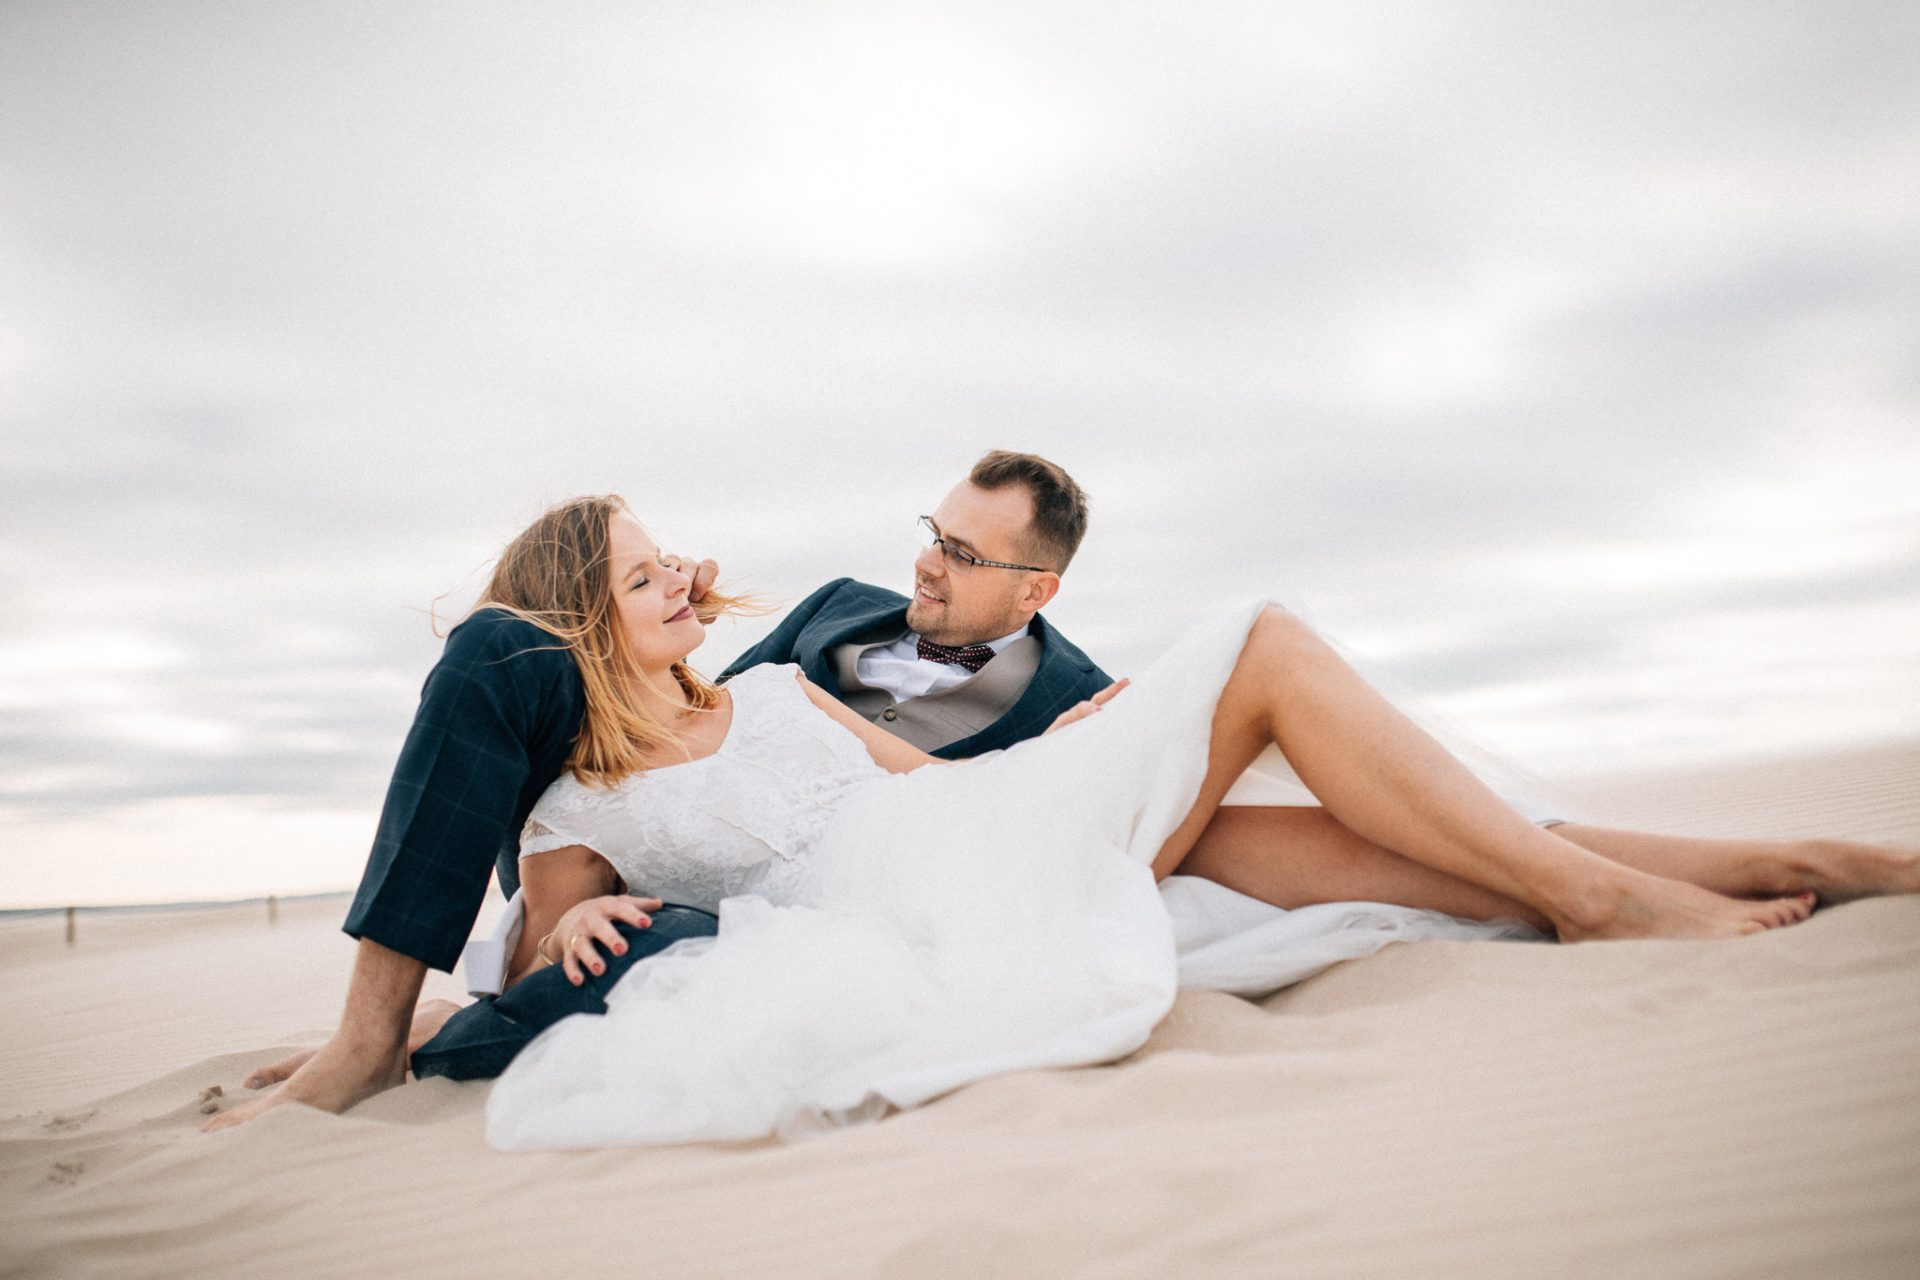 plener-ślubny-na-wydmach-naturalna-fotografia-ślubna